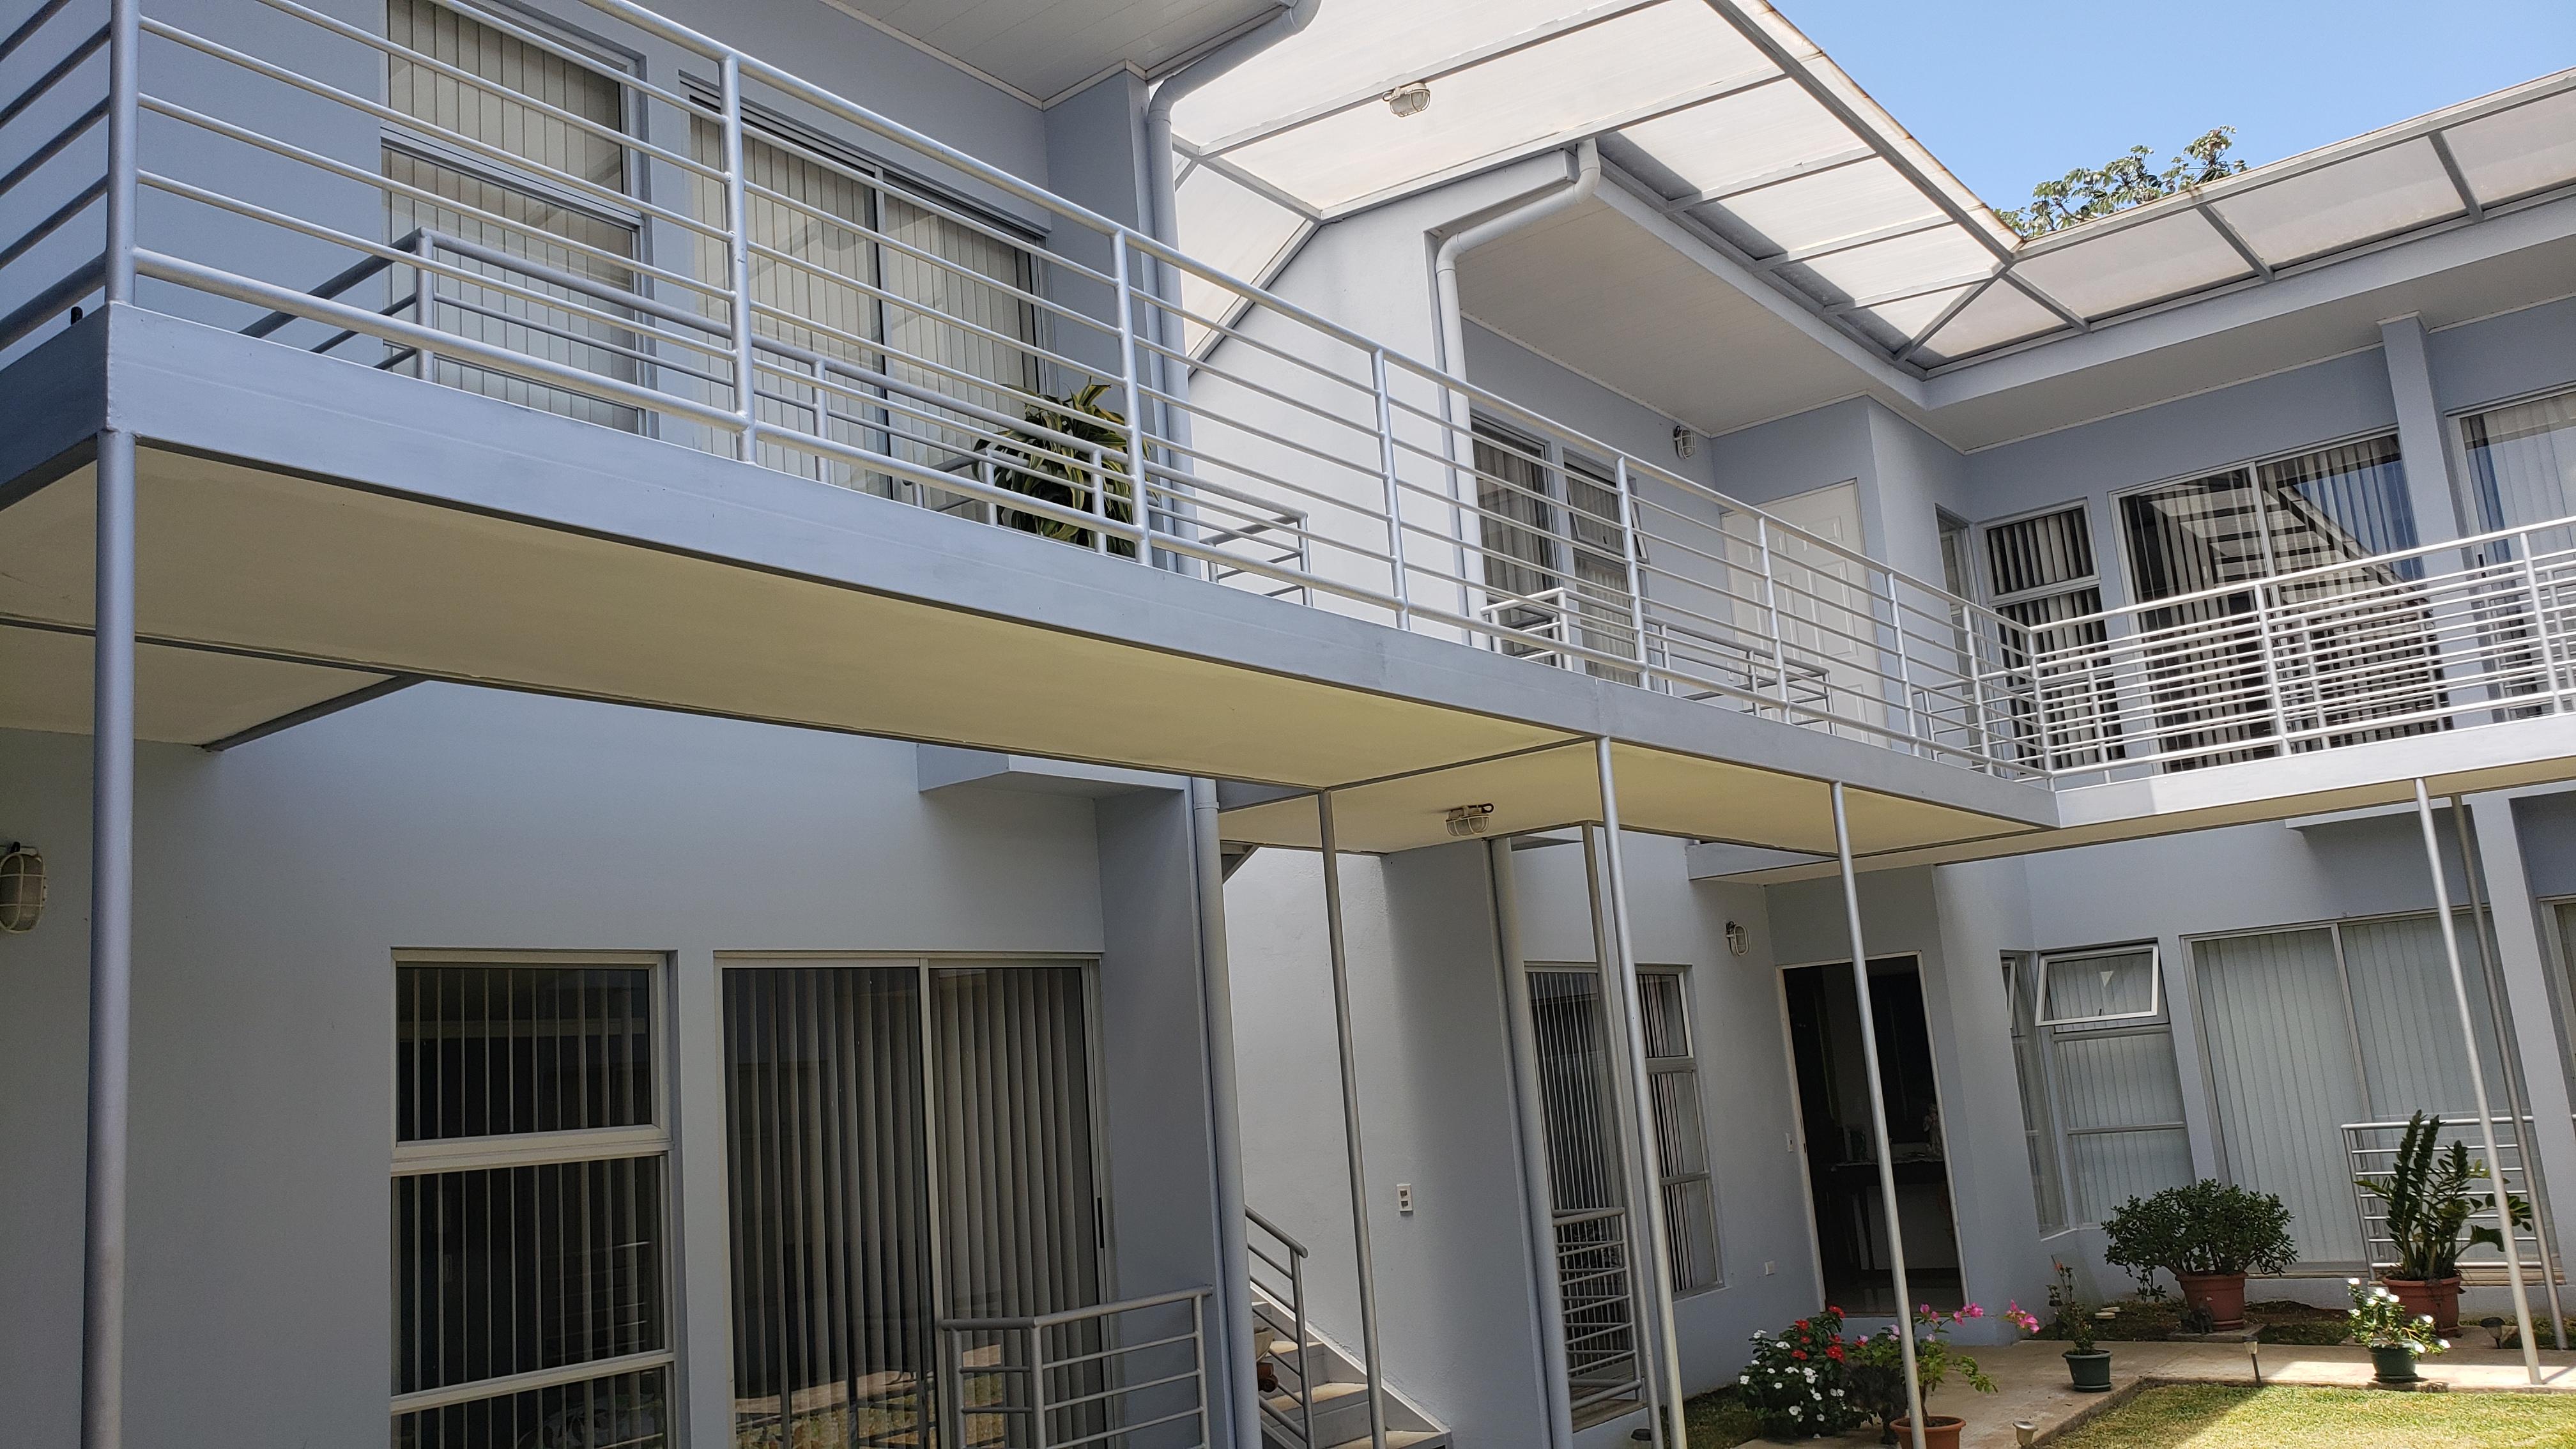 Alquiler de apartamento amueblado en Calle Loria Alajuela ¢300.000.